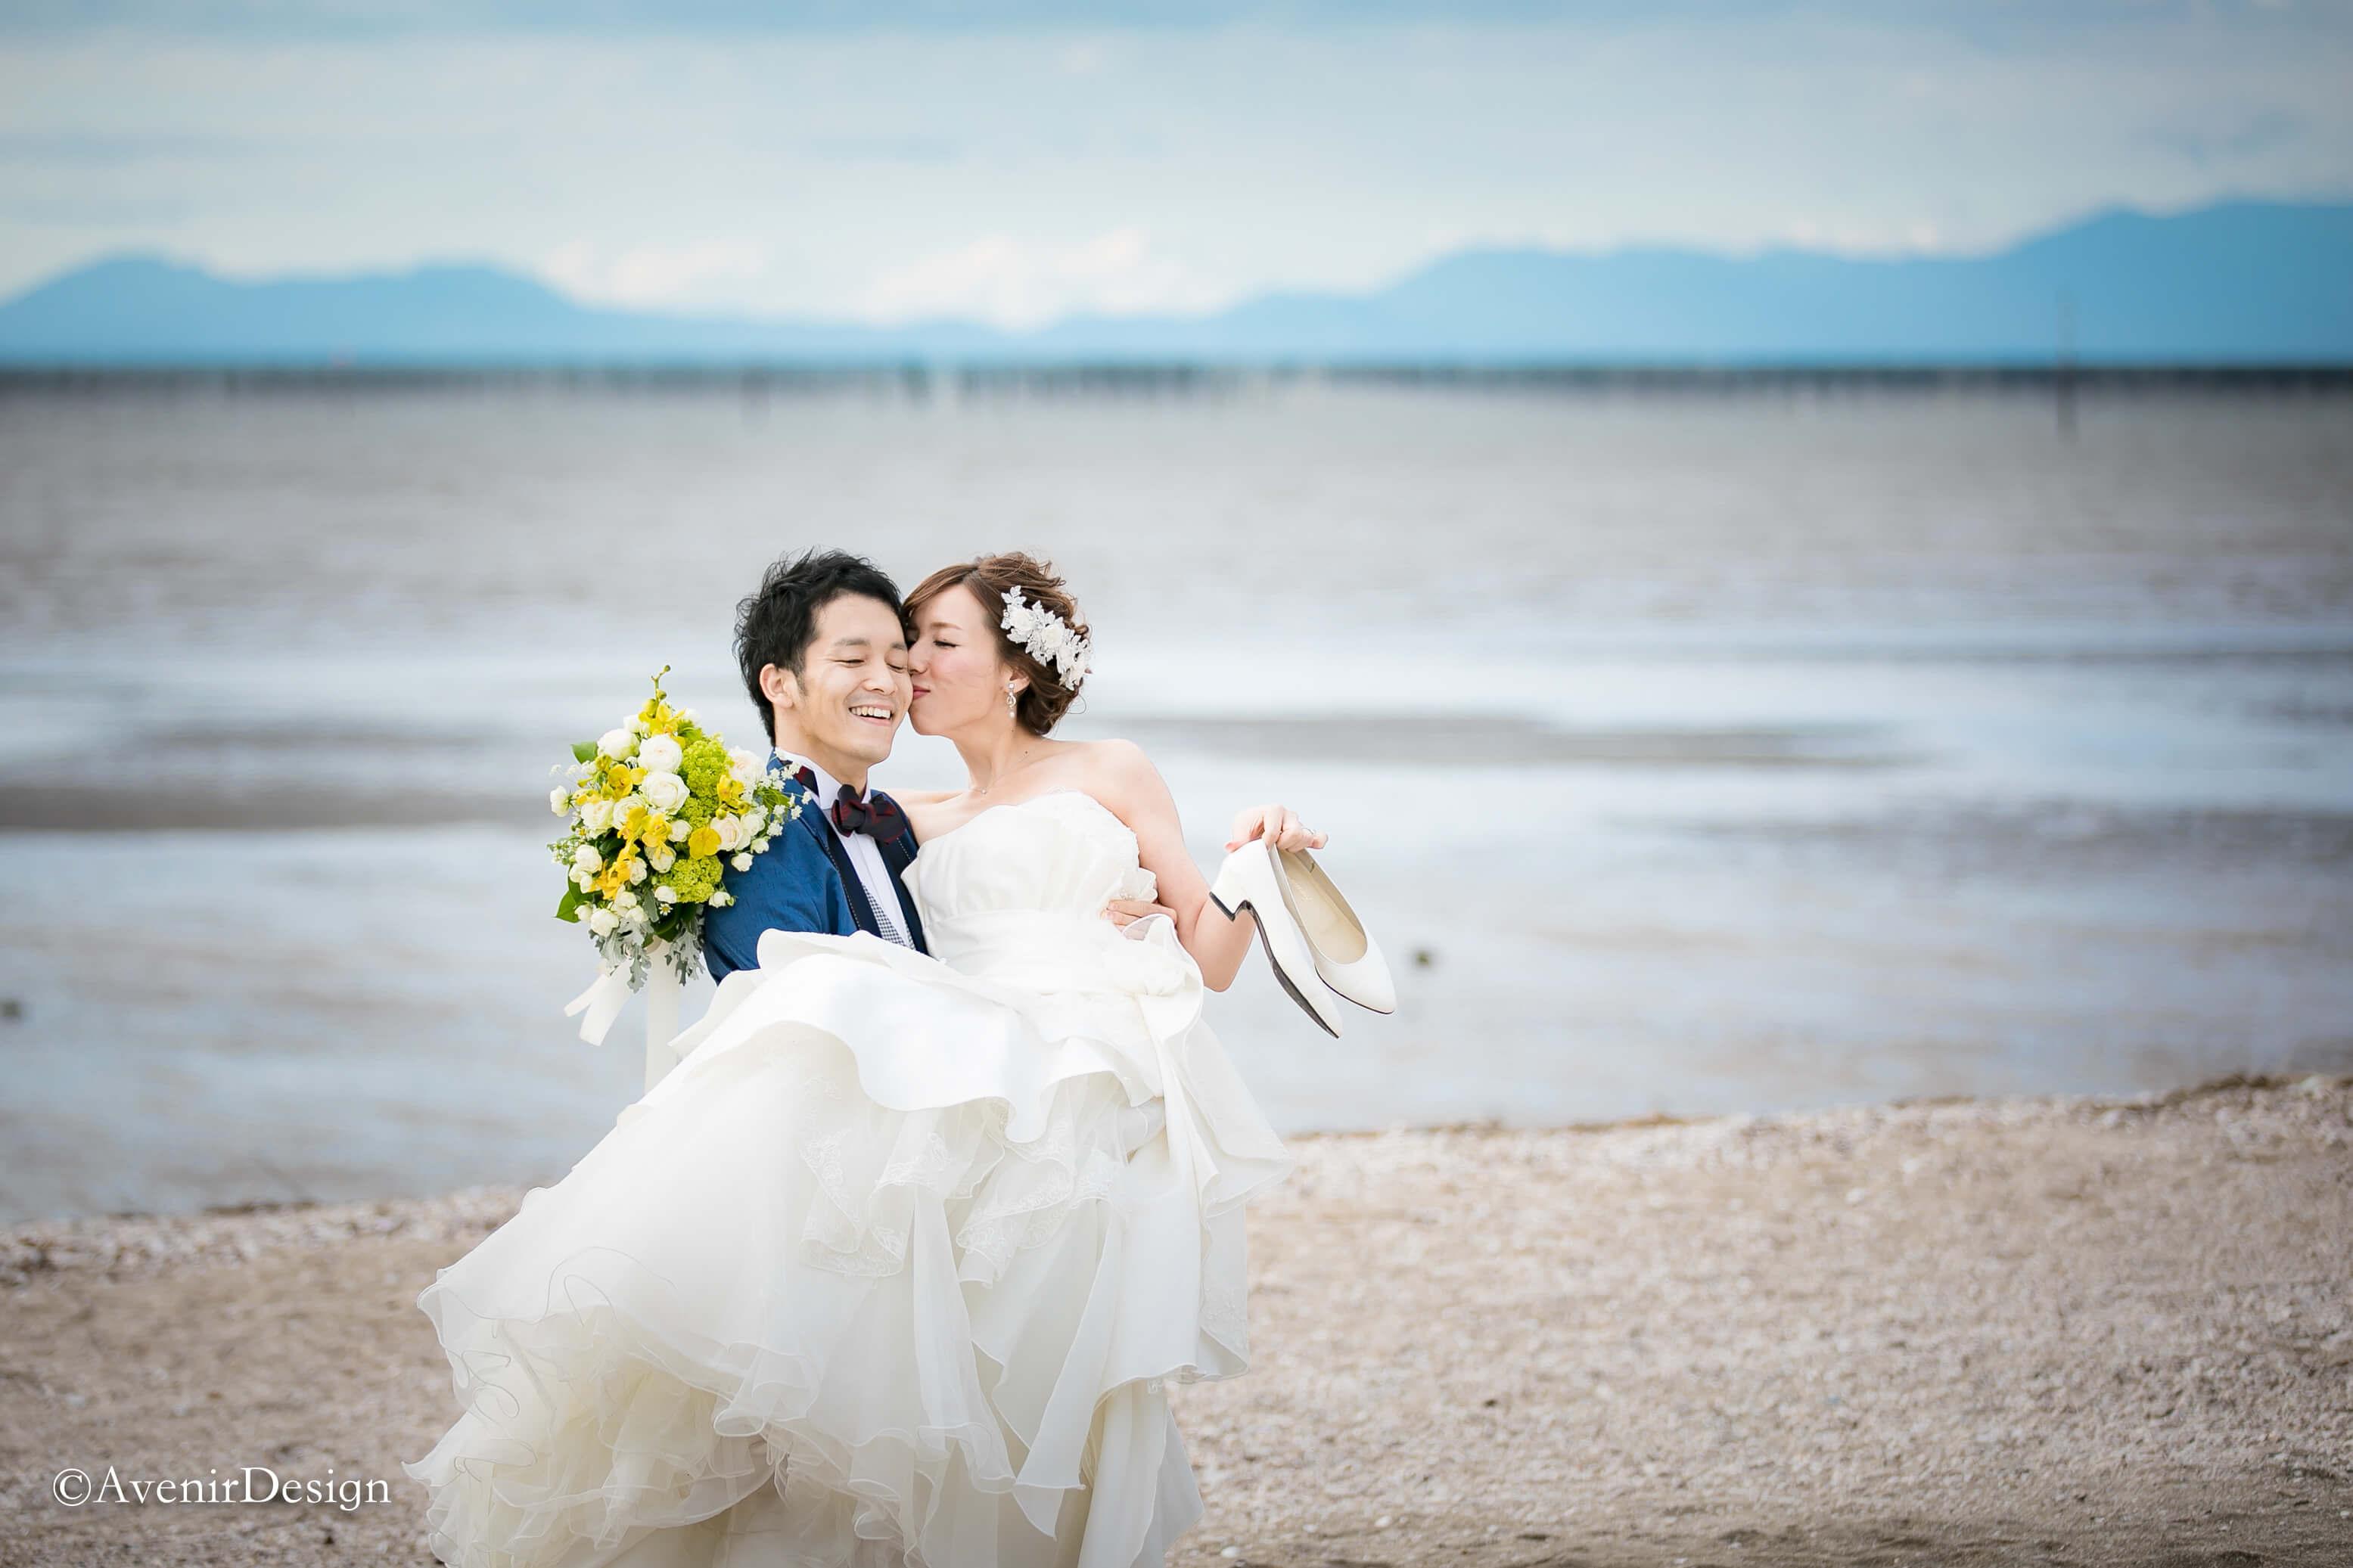 """最近流行りの""""プレウェディングフォト""""って結婚式の前撮りと何が違うの?"""